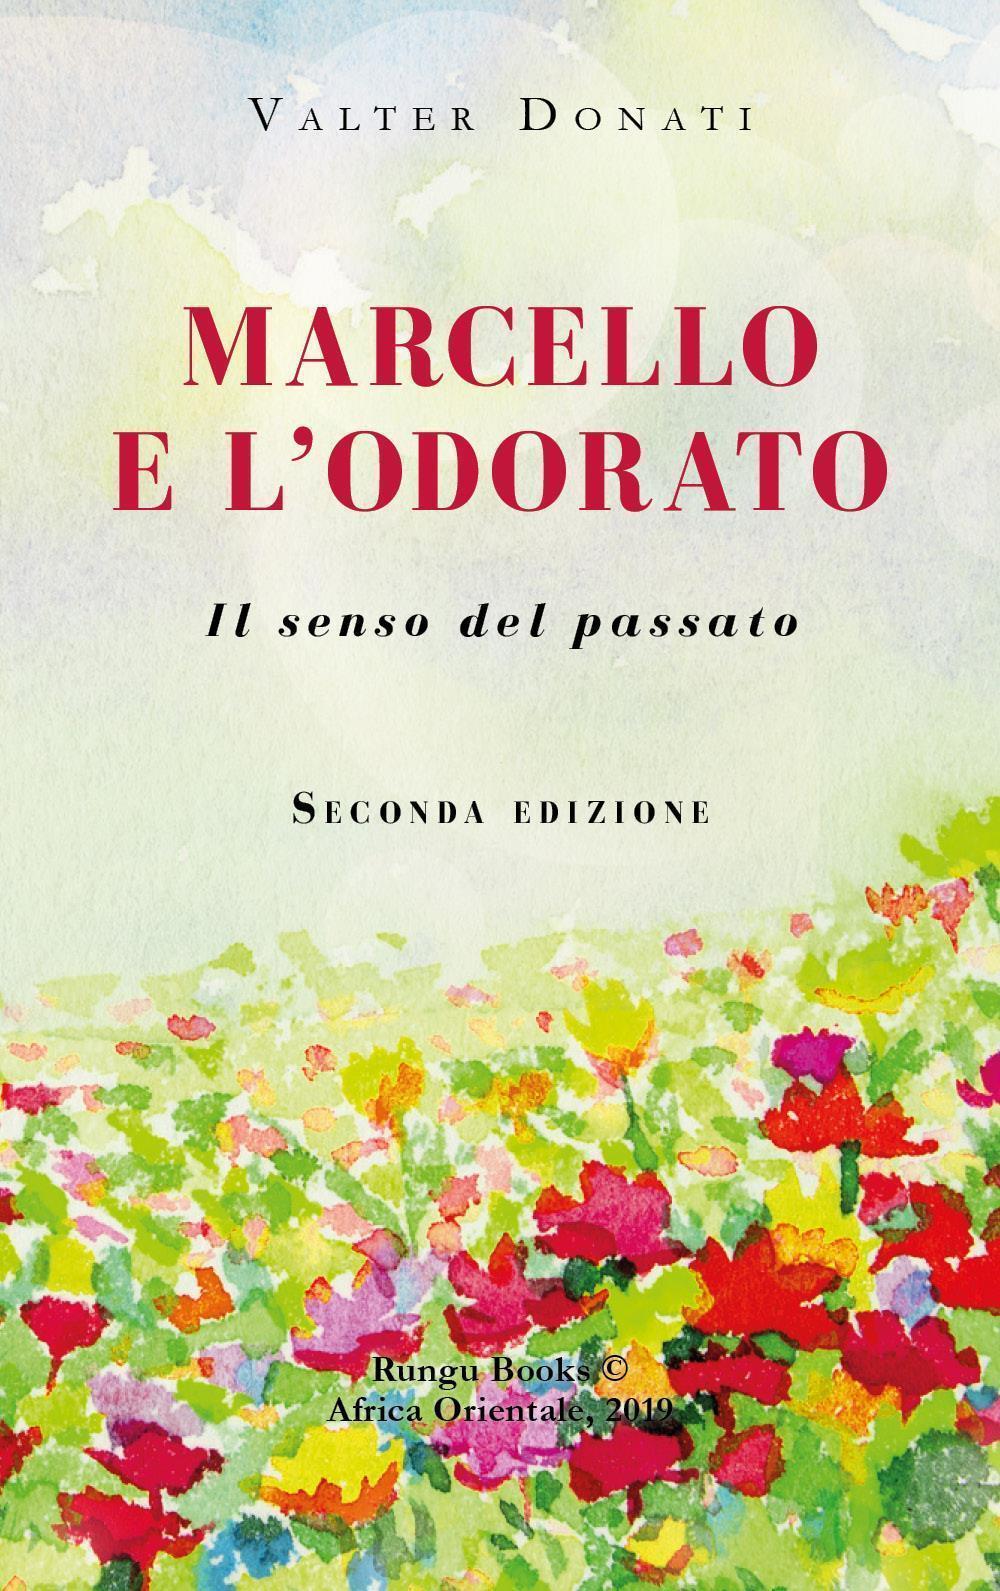 Marcello e l'odorato